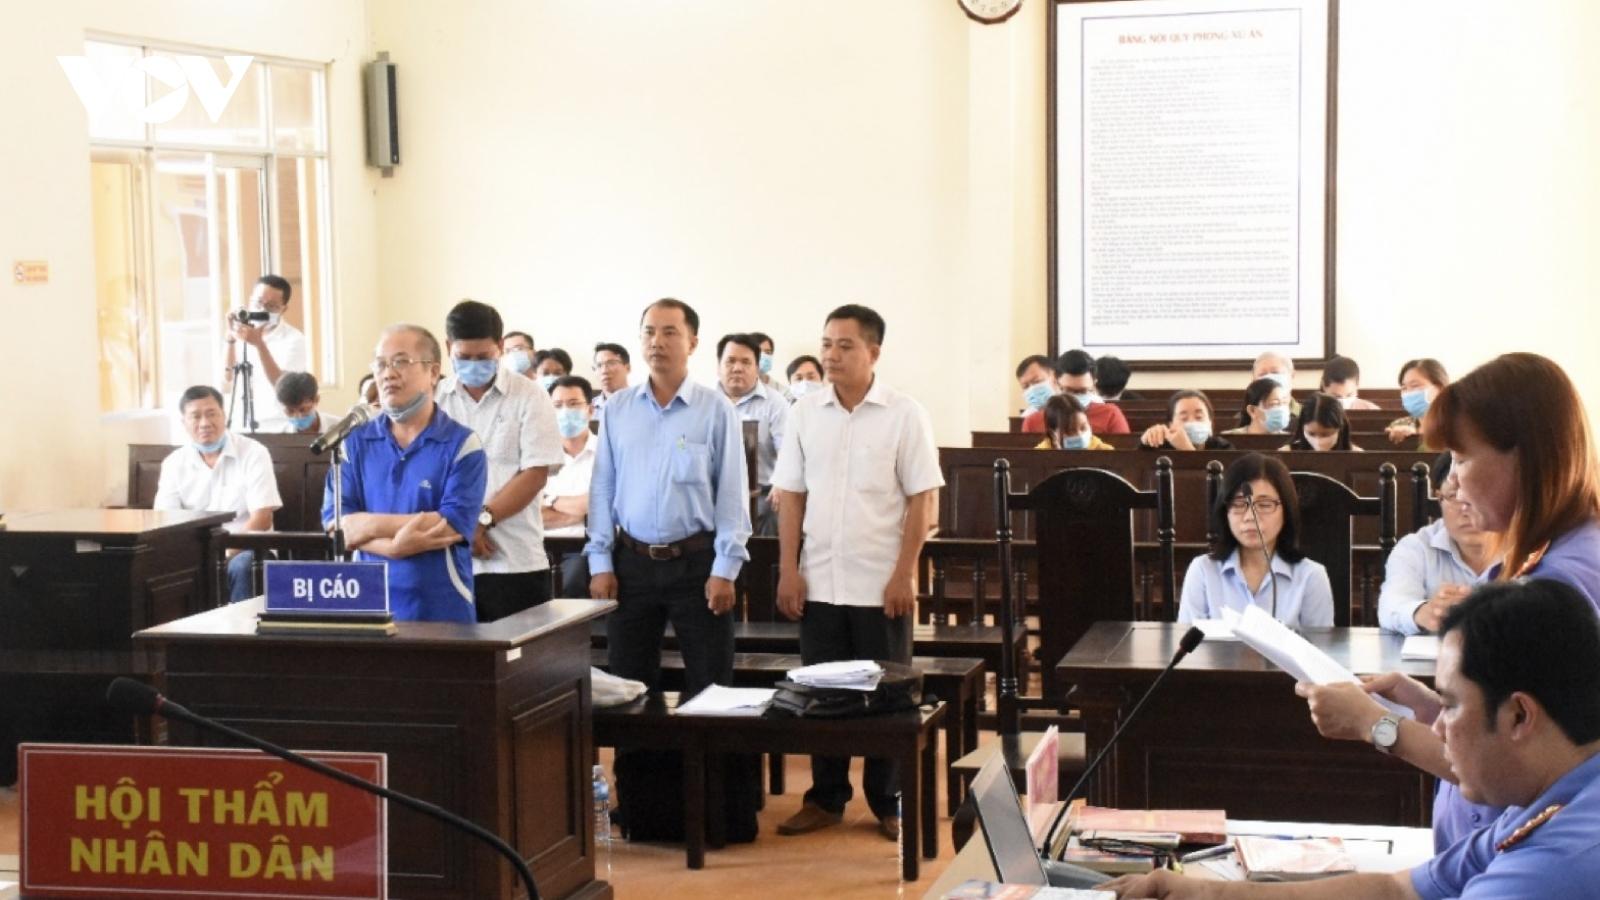 Nguyên giám đốc trung tâm ở Bạc Liêu vàthuộc cấp lĩnh án nặng